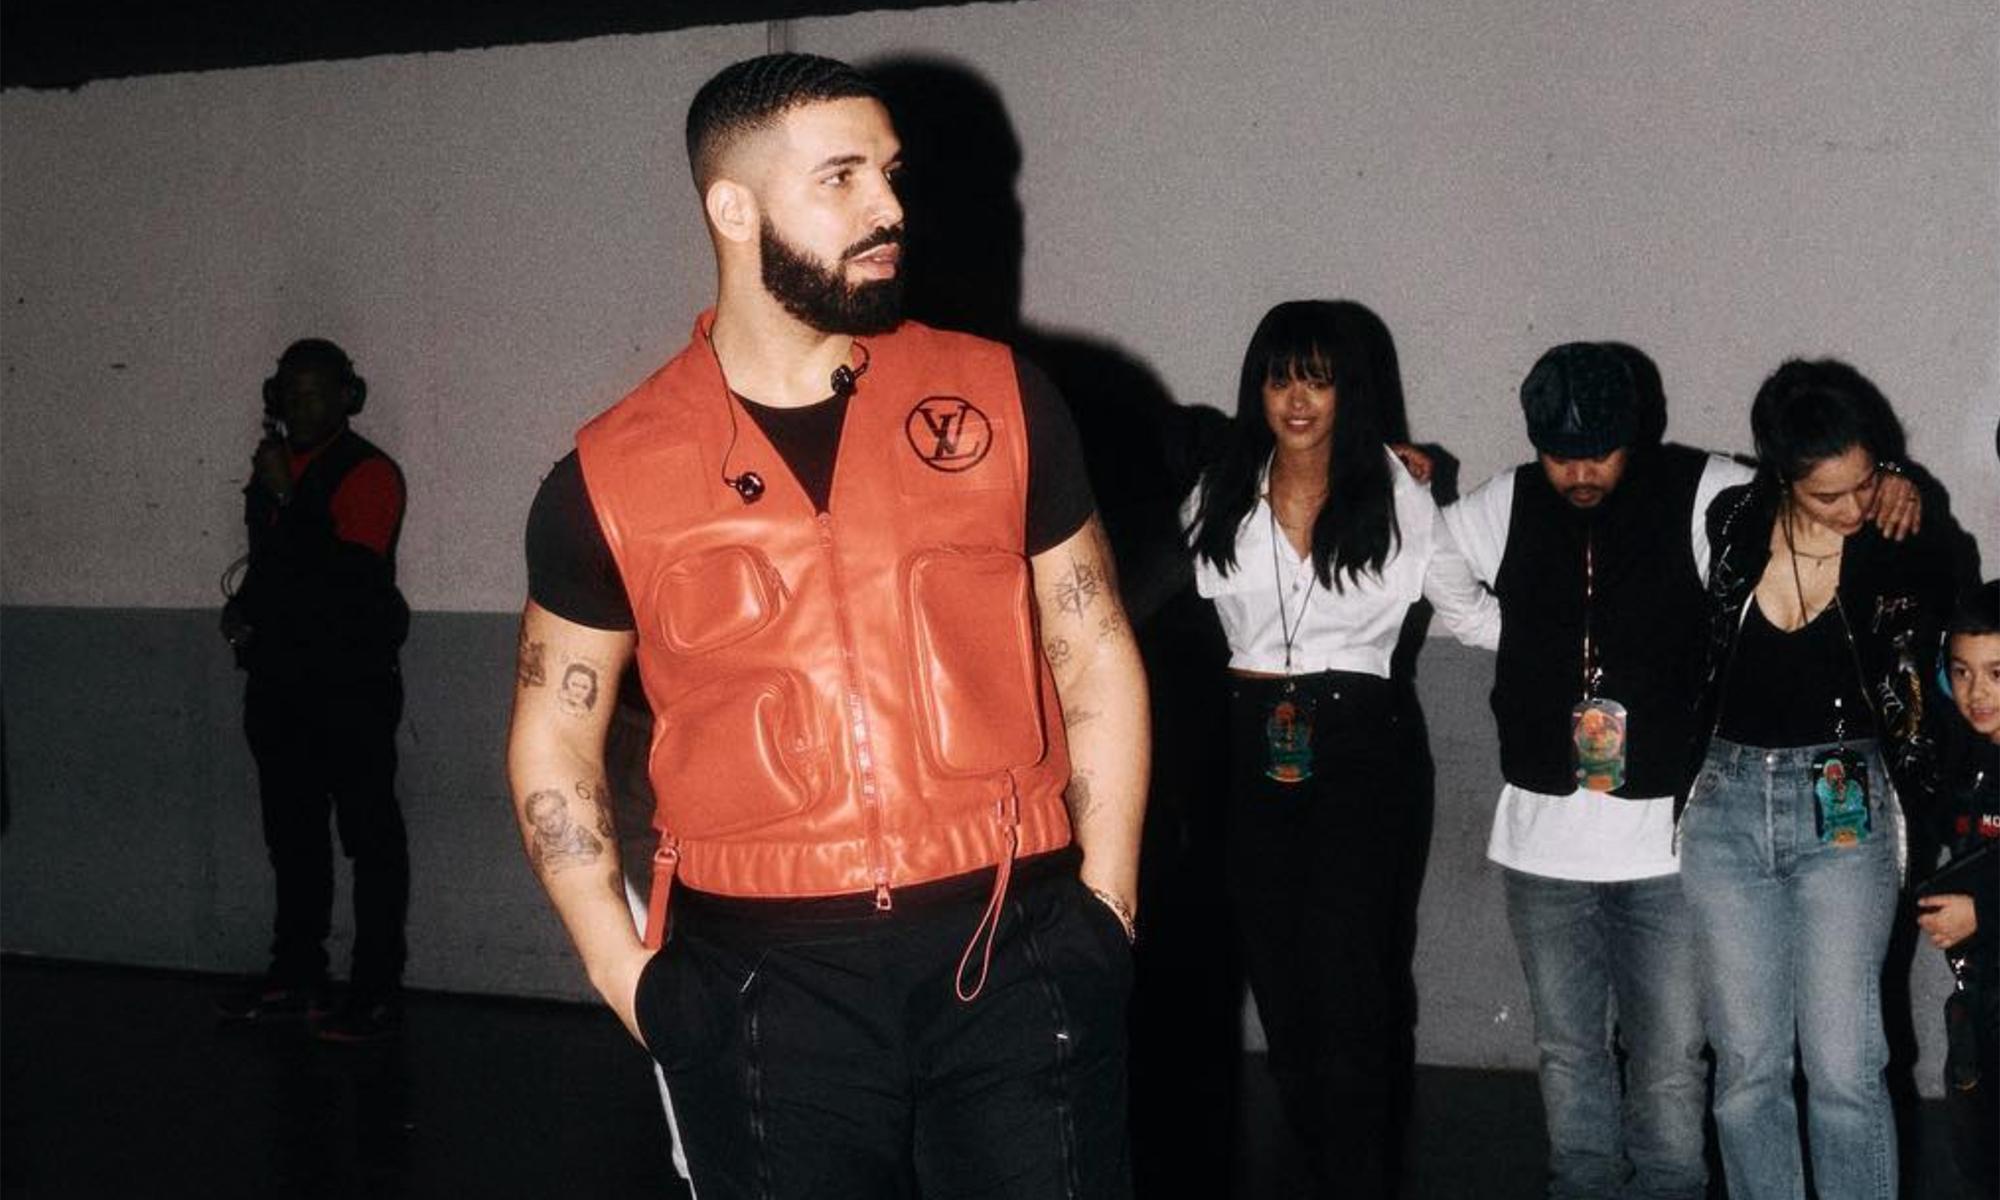 奢侈品牌为什么不断拉拢 Rapper 合作?